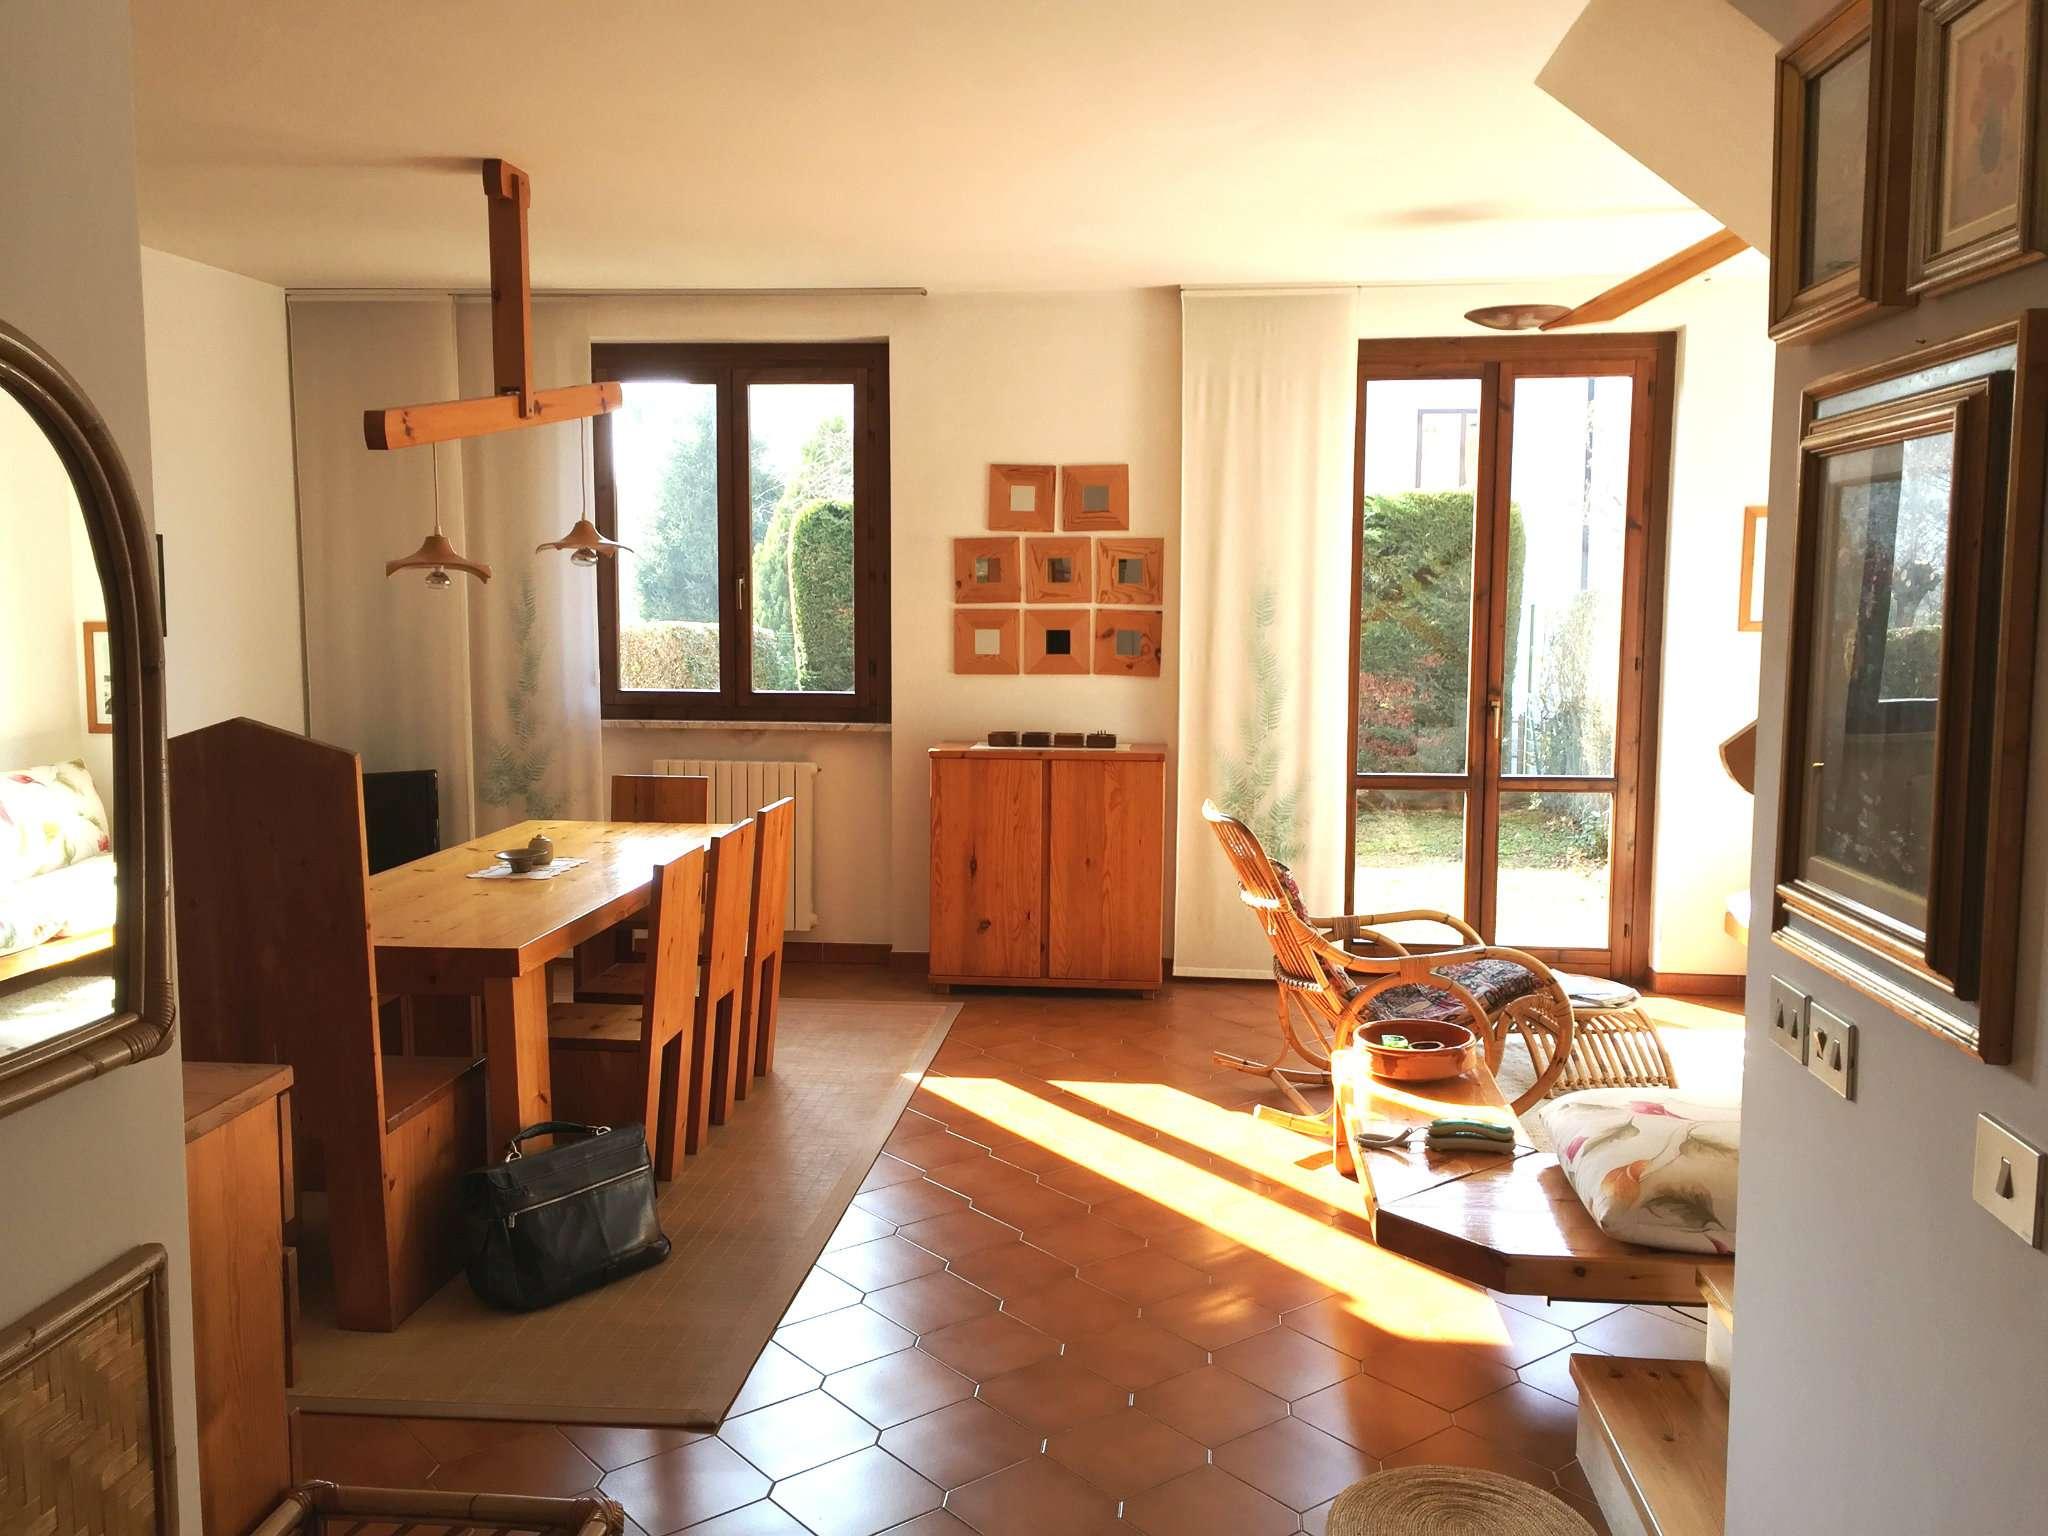 Soluzione Indipendente in vendita a Giaveno, 5 locali, prezzo € 195.000 | Cambio Casa.it